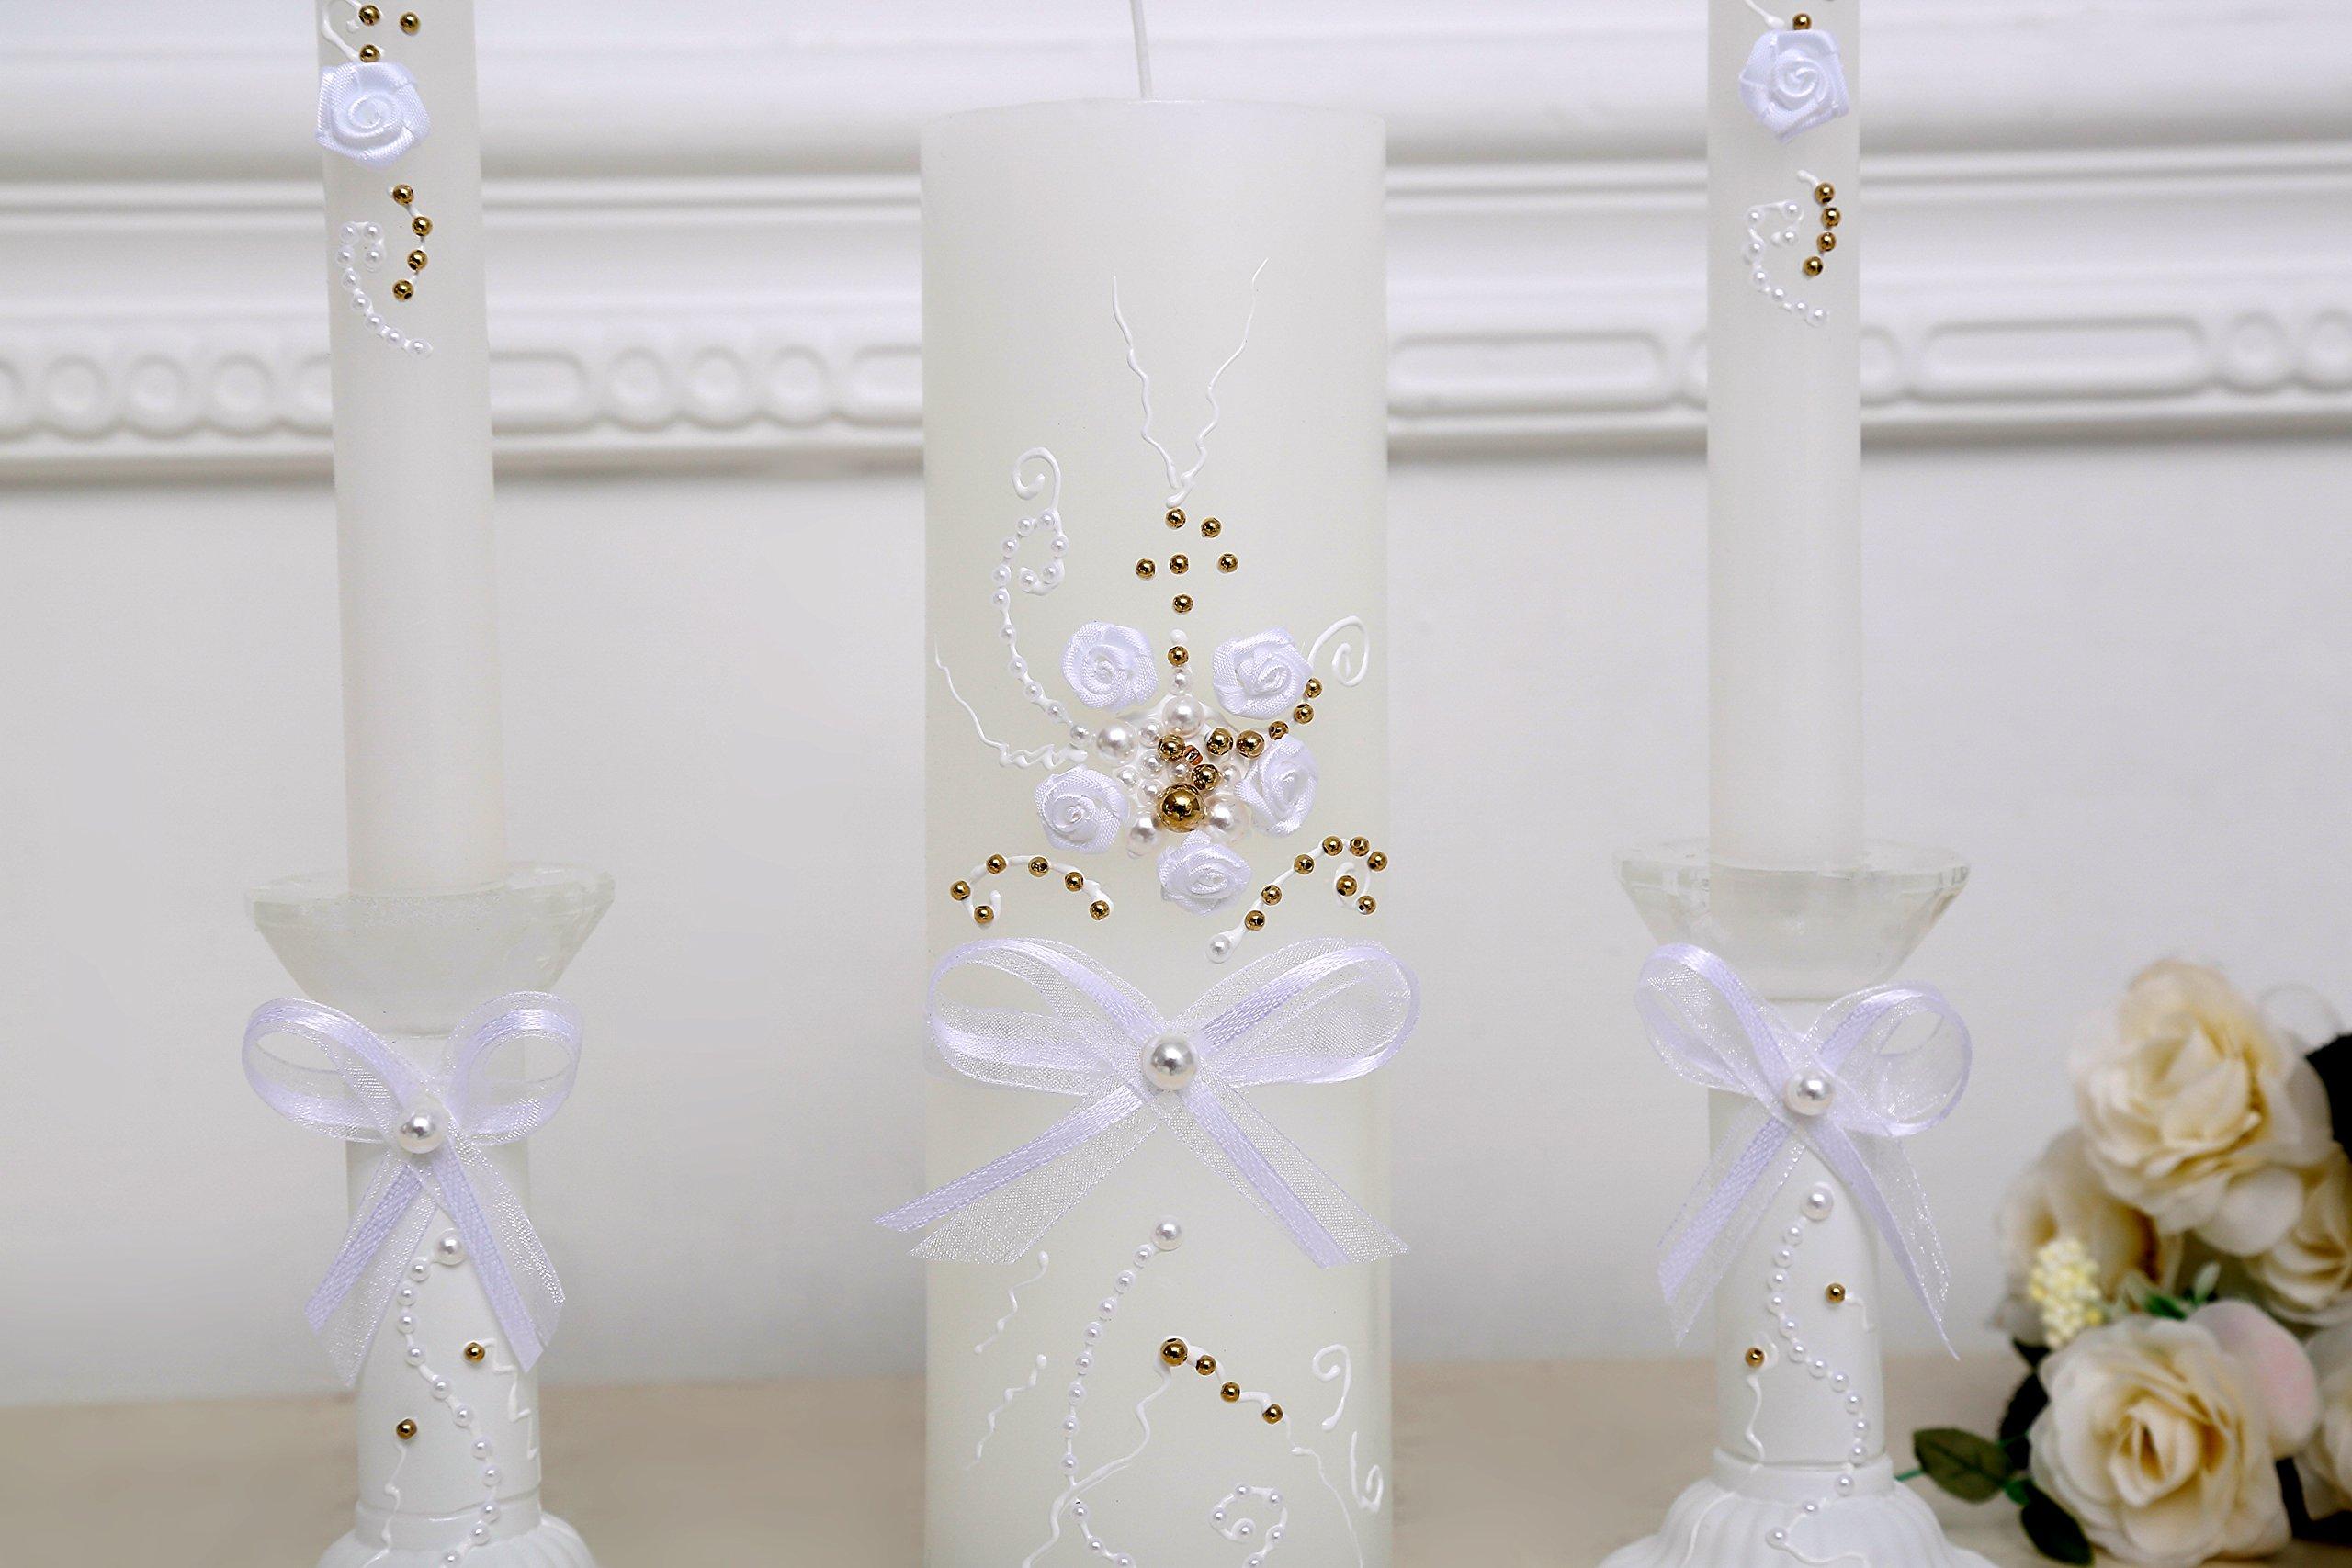 www.Beadingsupplys.com Unity Candle, Unity Wedding Candle Set, Gold and White plears Decor, White Unity Candle Set with Glass candleholders by www.Beadingsupplys.com